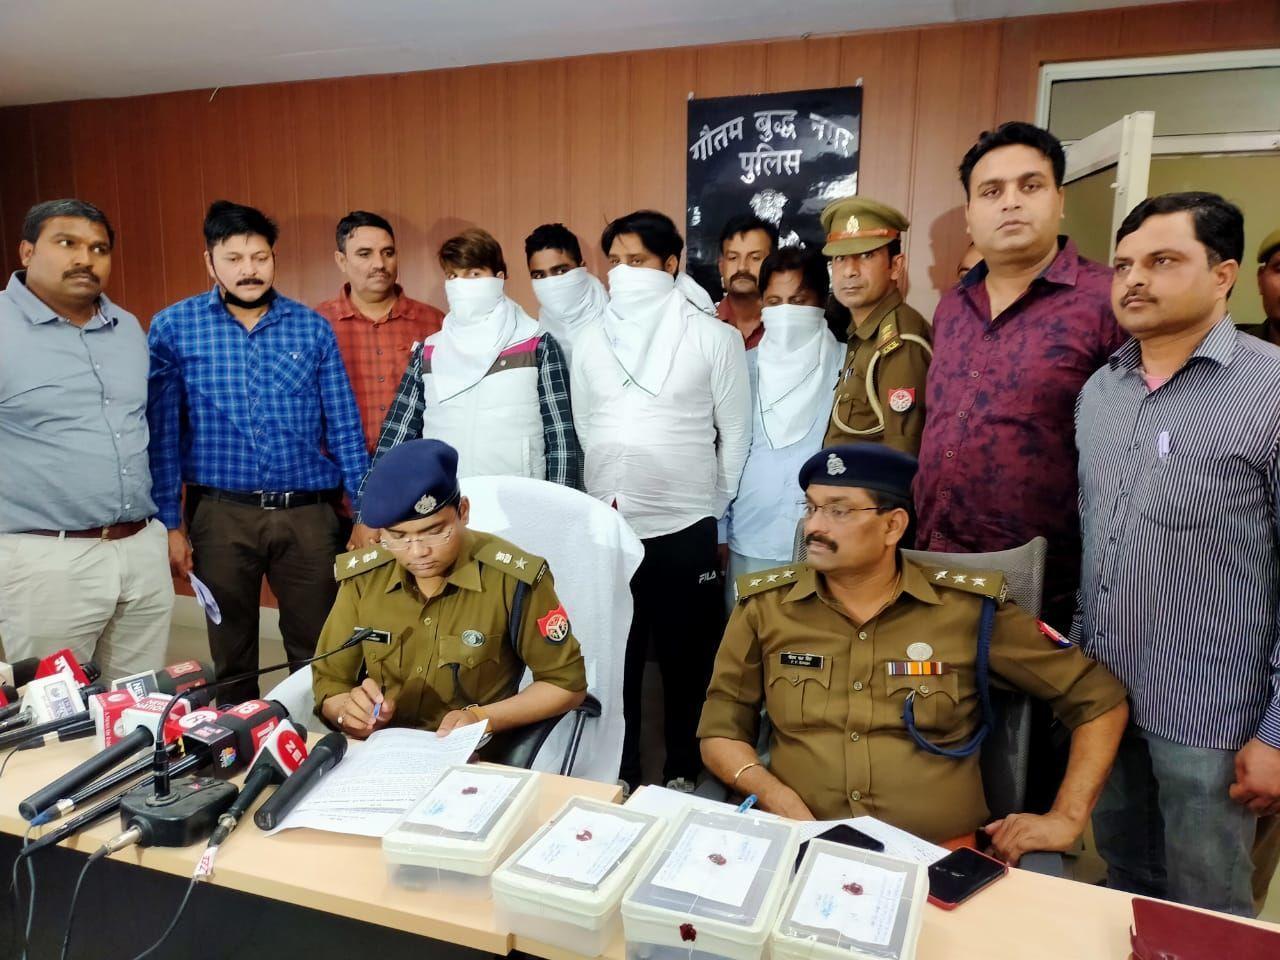 डीसीपी हरीश चन्दर के नेतृत्व में नोएडा पुलिस को मिली बड़ी सफलता, मुठभेड़ के दौरान सुन्दर भाटी गैंग के चार शार्प शूटर गिरफ्तार